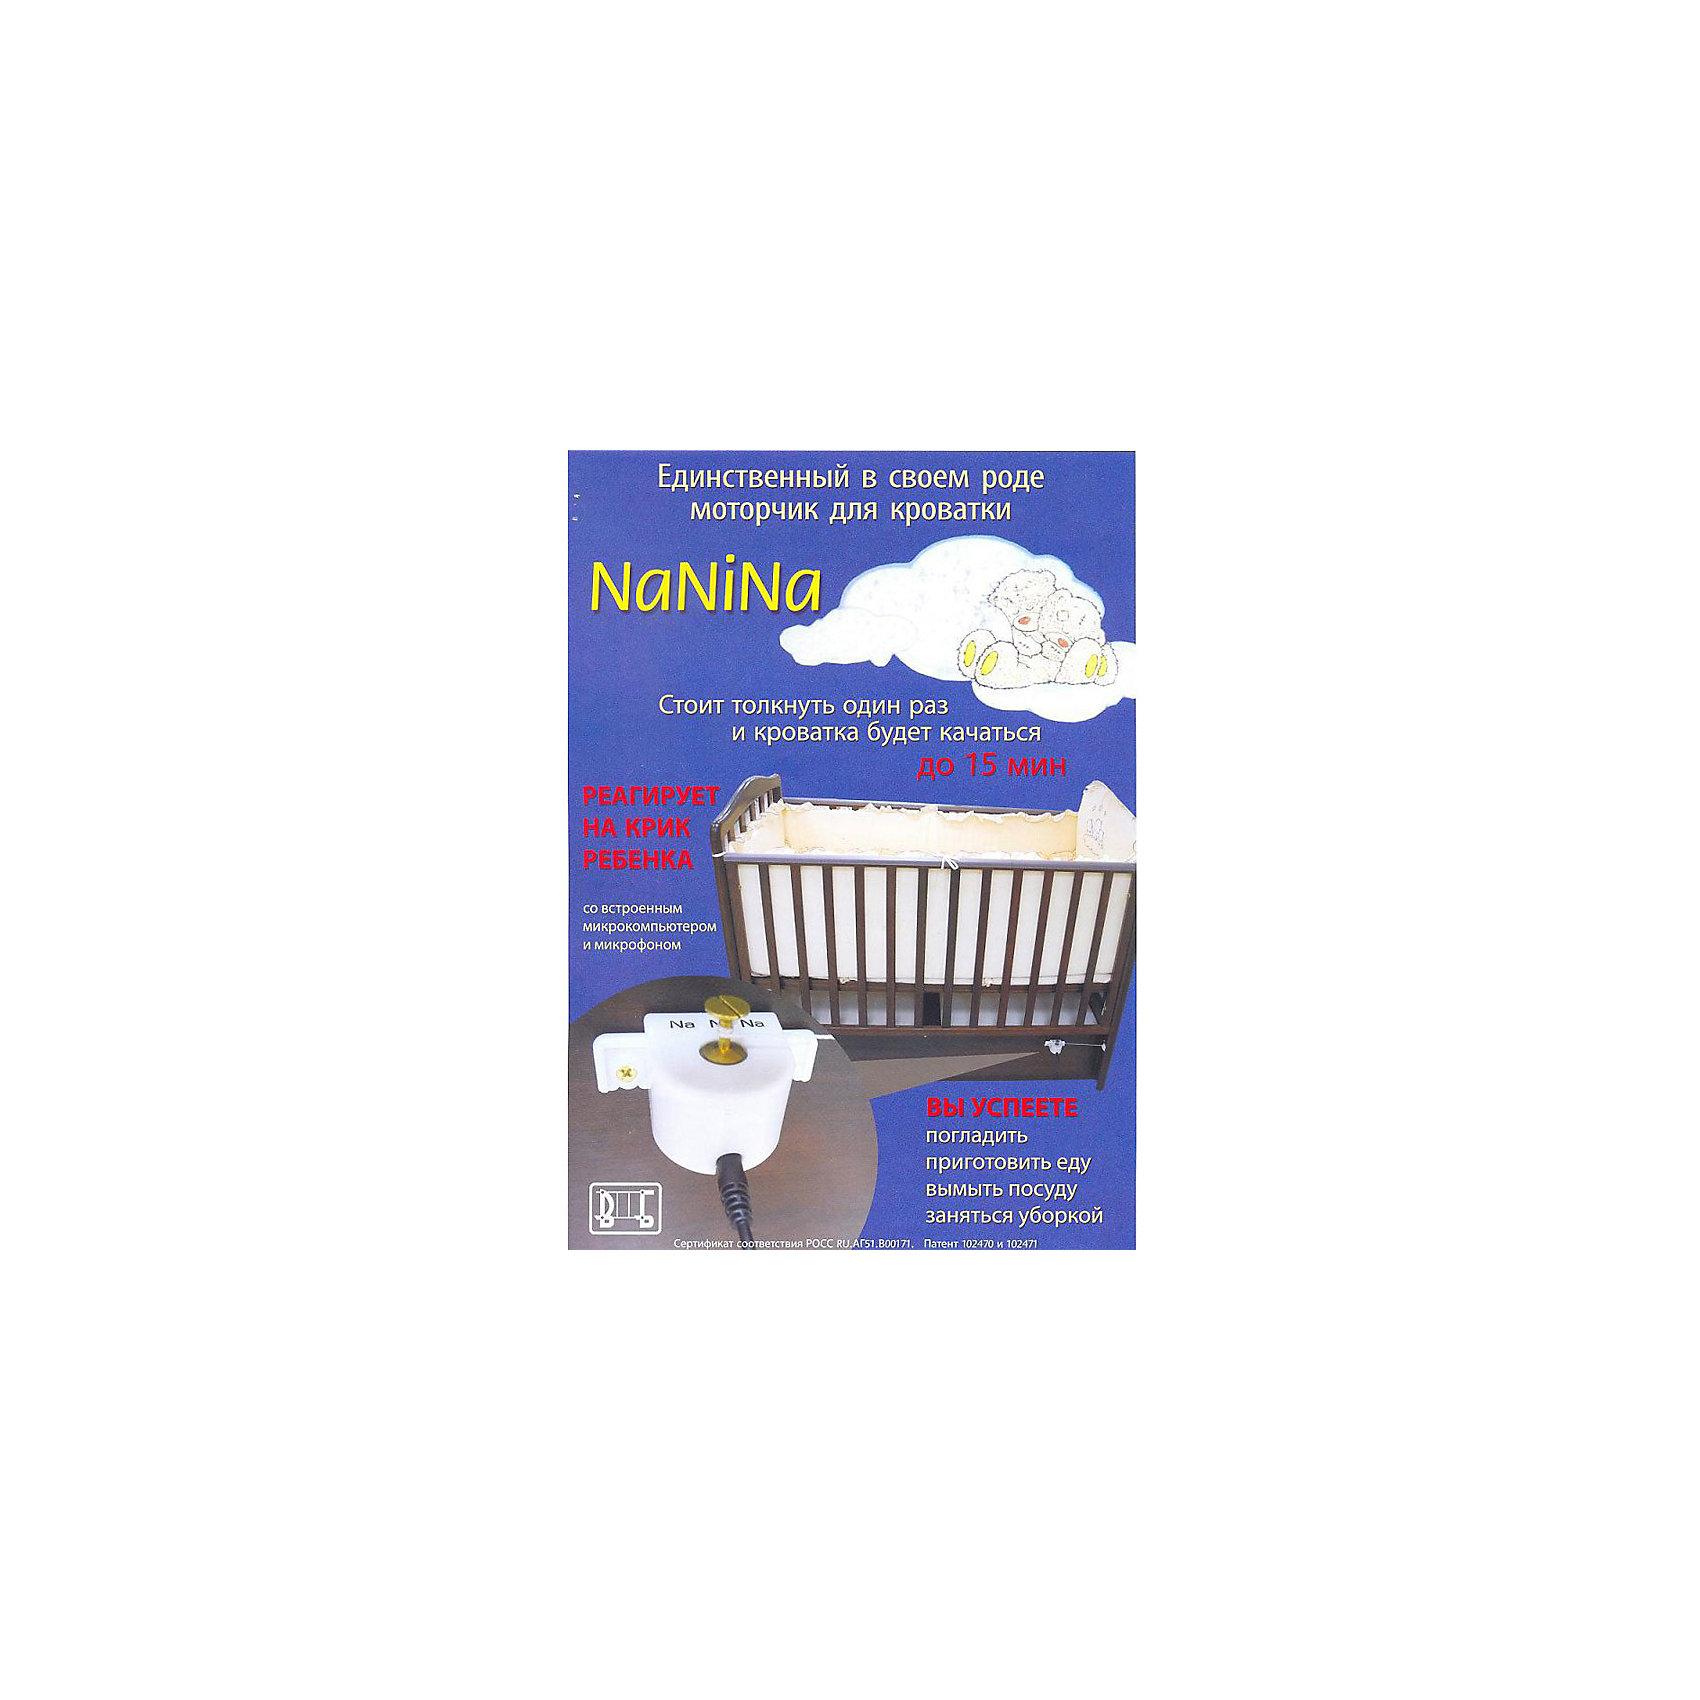 Устройство для раскачивания детской кроватки NaninaУстройство NANINA для автоматического раскачивания кроватки с маятниковым механизмом. Достаточно толкнуть 1 раз  и устройство будет качать кроватку  10-15 мин. Реагирует на плач ребенка.<br>Устройство для раскачивания кроватки представляет собой миниатюрный электродвигатель со встроенным микрокомпьтером в пластмассовом корпусе. Амплитуда колебаний 20-40мм. Напряжение питания 220В. <br>Максимальная нагрузка на кровать - 12кг. Корпус с двигателем крепится на неподвижную часть кровати.<br>ВНИМАНИЕ!  Устройство NANINA  подходит только для кроваток с маятниковым механизмом.<br> Перед покупкой проверьте, подойдет ли устройство NANINA   для вашей кроватки (будет ли она раскачиваться). Толкните кроватку рукой, если без устройства она сможет сделать 5-10 качаний, то устройство сможет раскачивать кровать (при соблюдении максимальной нагрузки). Если кровать делает менее  5 качаний, то устройство скорее всего работать не будет!<br>Внимательно  читайте инструкцию и устанавливайте устройство правильно.<br>Гарантия производителя 1 год. Сохраняйте упаковку, пока не убедитесь, что устройство работает.<br>Устройство для раскачивания детской кроватки  NANINA можно купить в нашем интернет-магазине.<br><br>Ширина мм: 200<br>Глубина мм: 120<br>Высота мм: 40<br>Вес г: 300<br>Возраст от месяцев: 0<br>Возраст до месяцев: 36<br>Пол: Унисекс<br>Возраст: Детский<br>SKU: 3352359